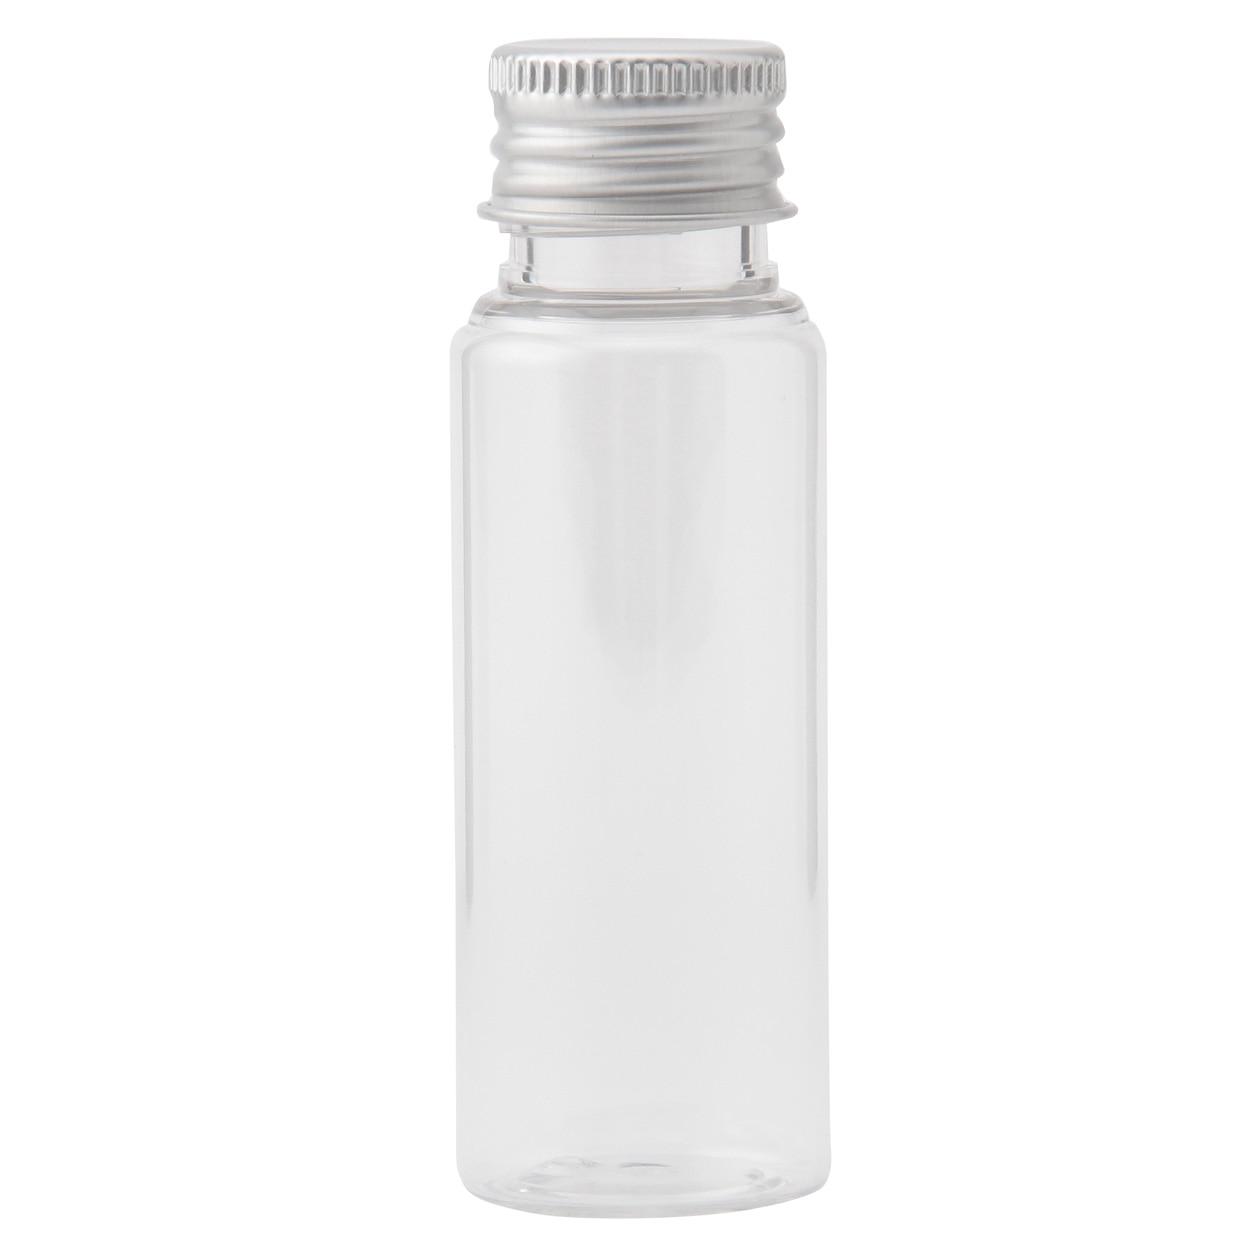 PET小分けボトルアルミキャップ・50ml